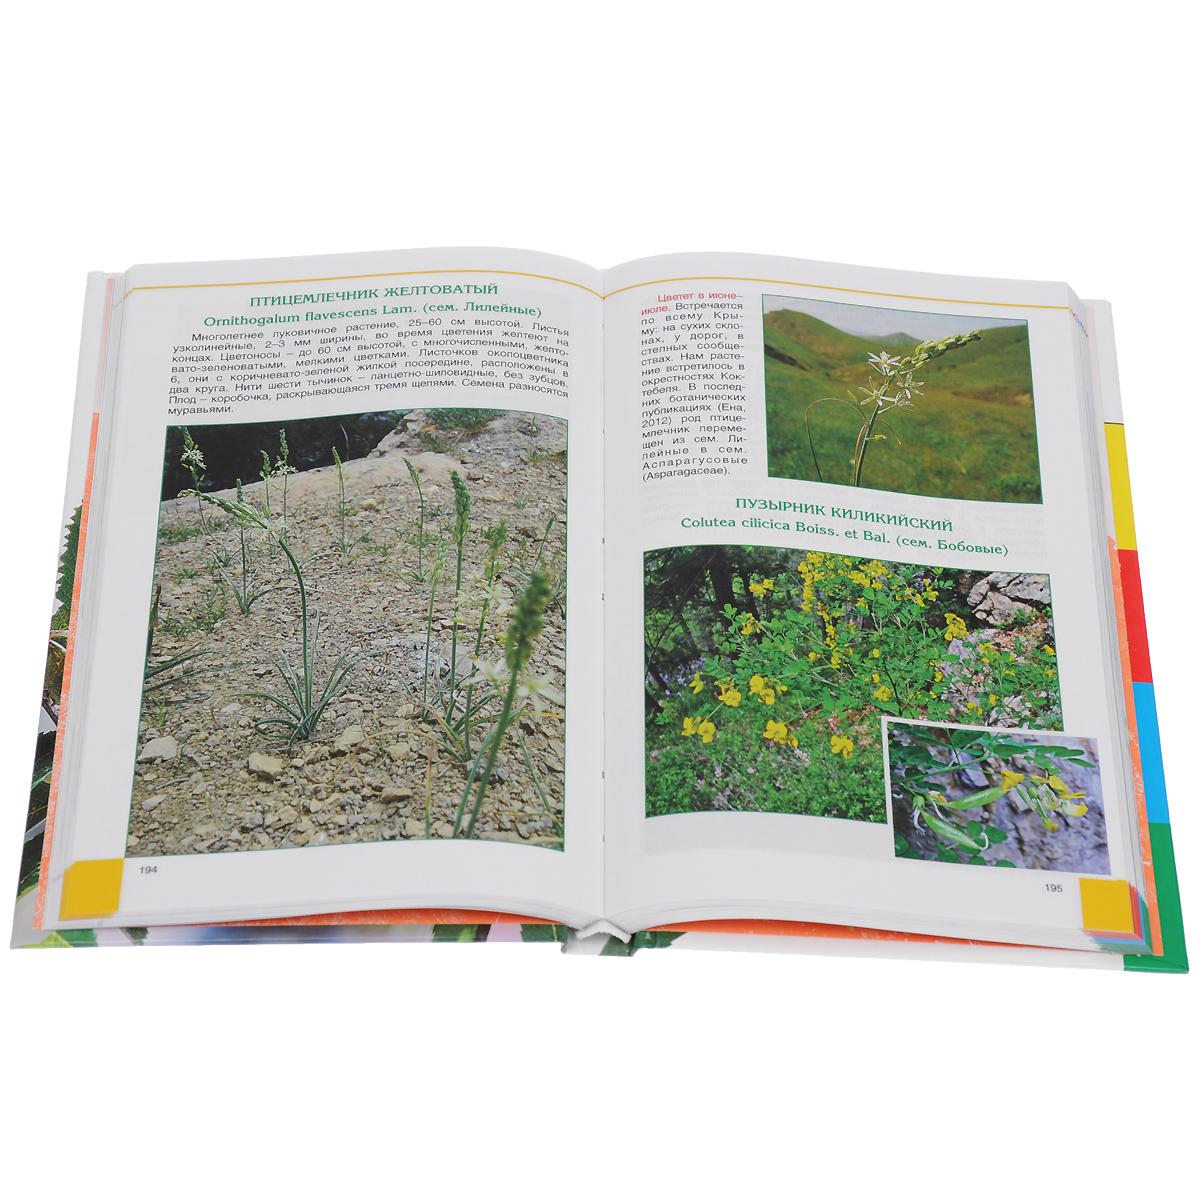 Цветной атлас растений Крыма. Книга 2